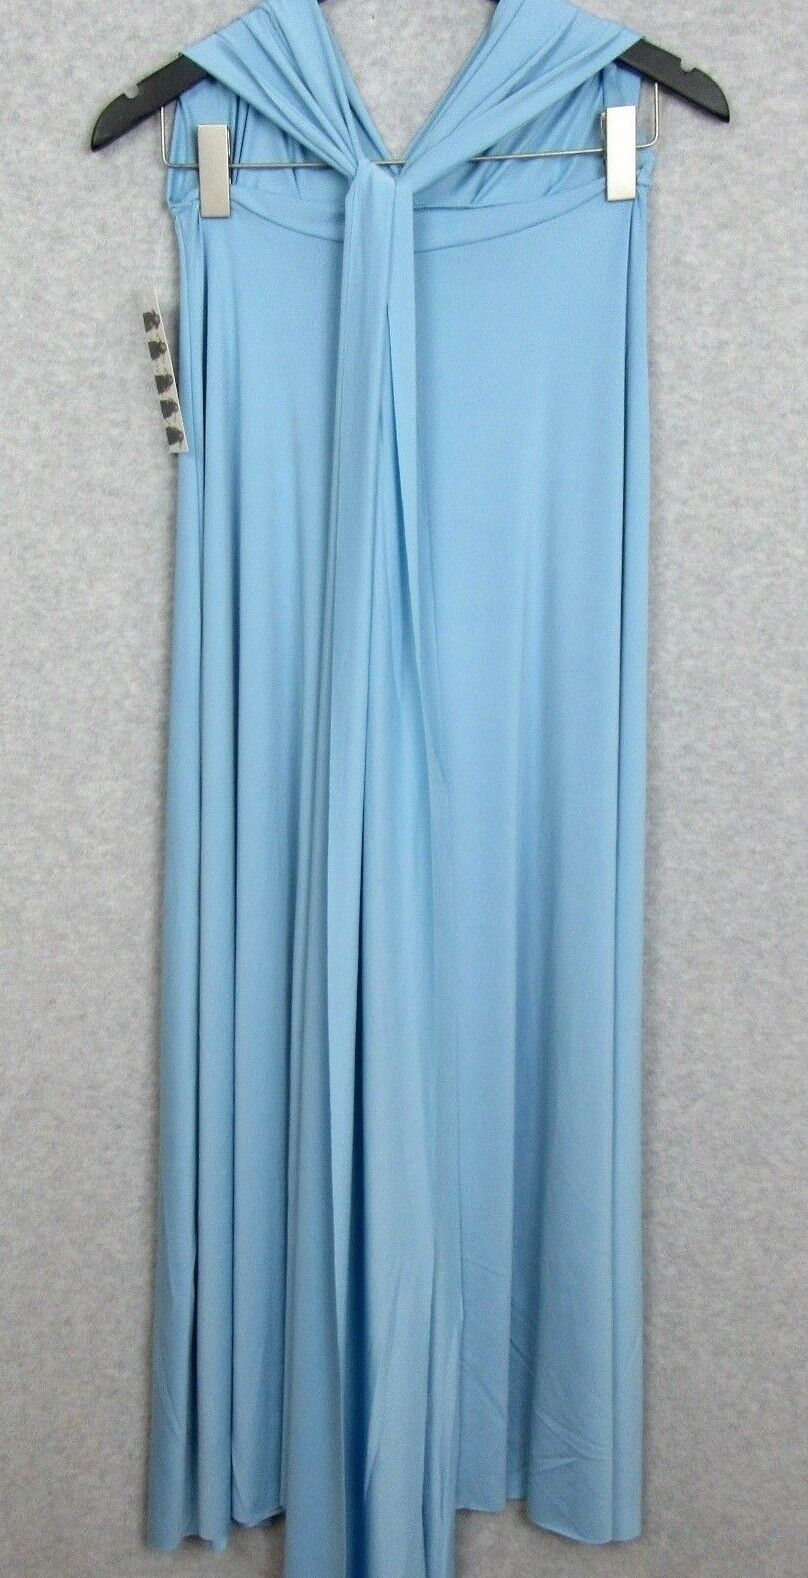 Wrap Magic Transformer Skirt Dress Womens Size Small Light bluee Congreenible